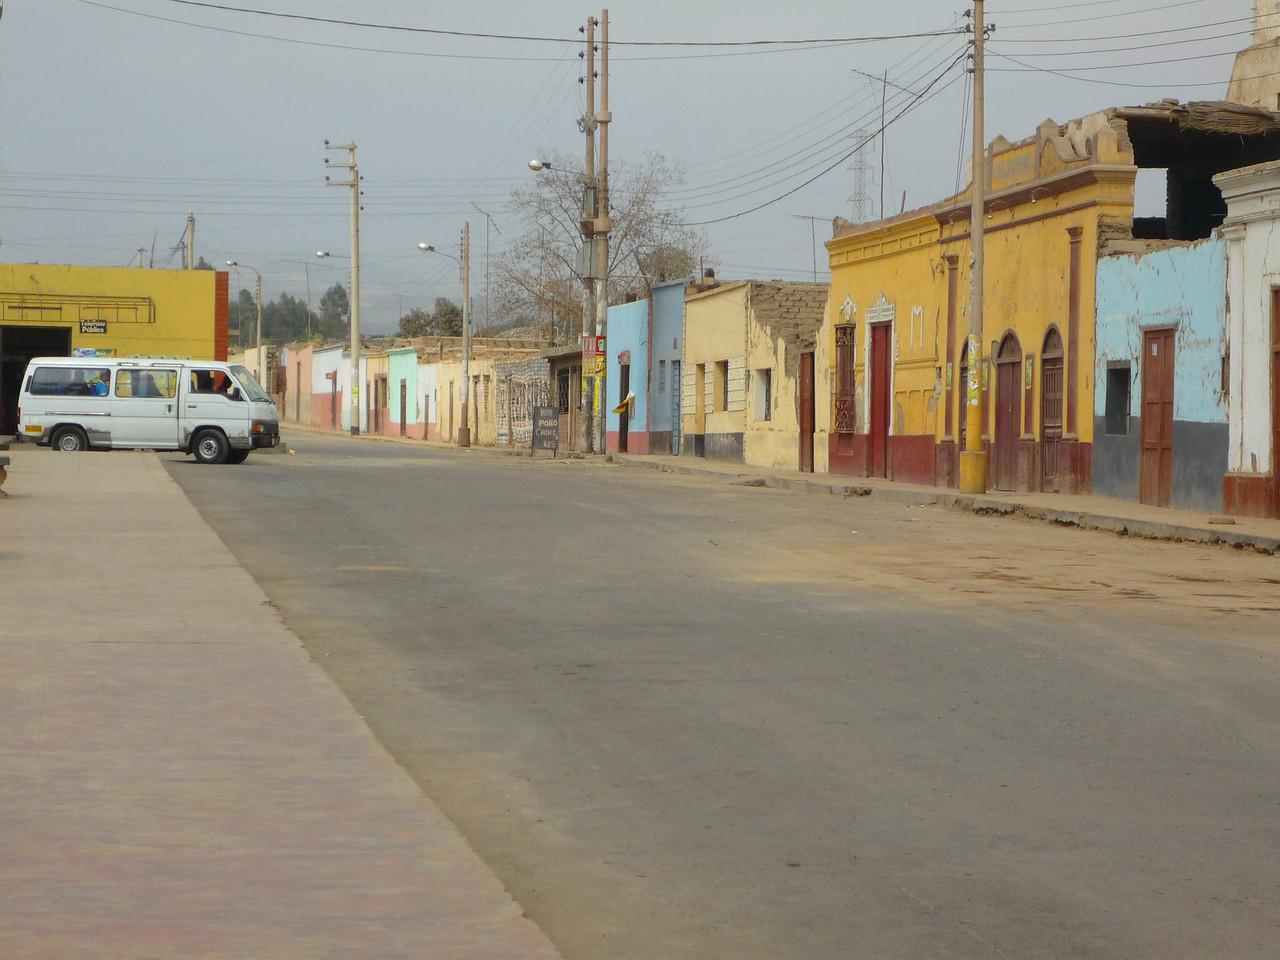 The city of El Carmen also endured destruction after the earthquake.<br /> La ciudad de El Carmen tambien sufrio consecuencias del terremoto, muchas casas se vinieron abajo.